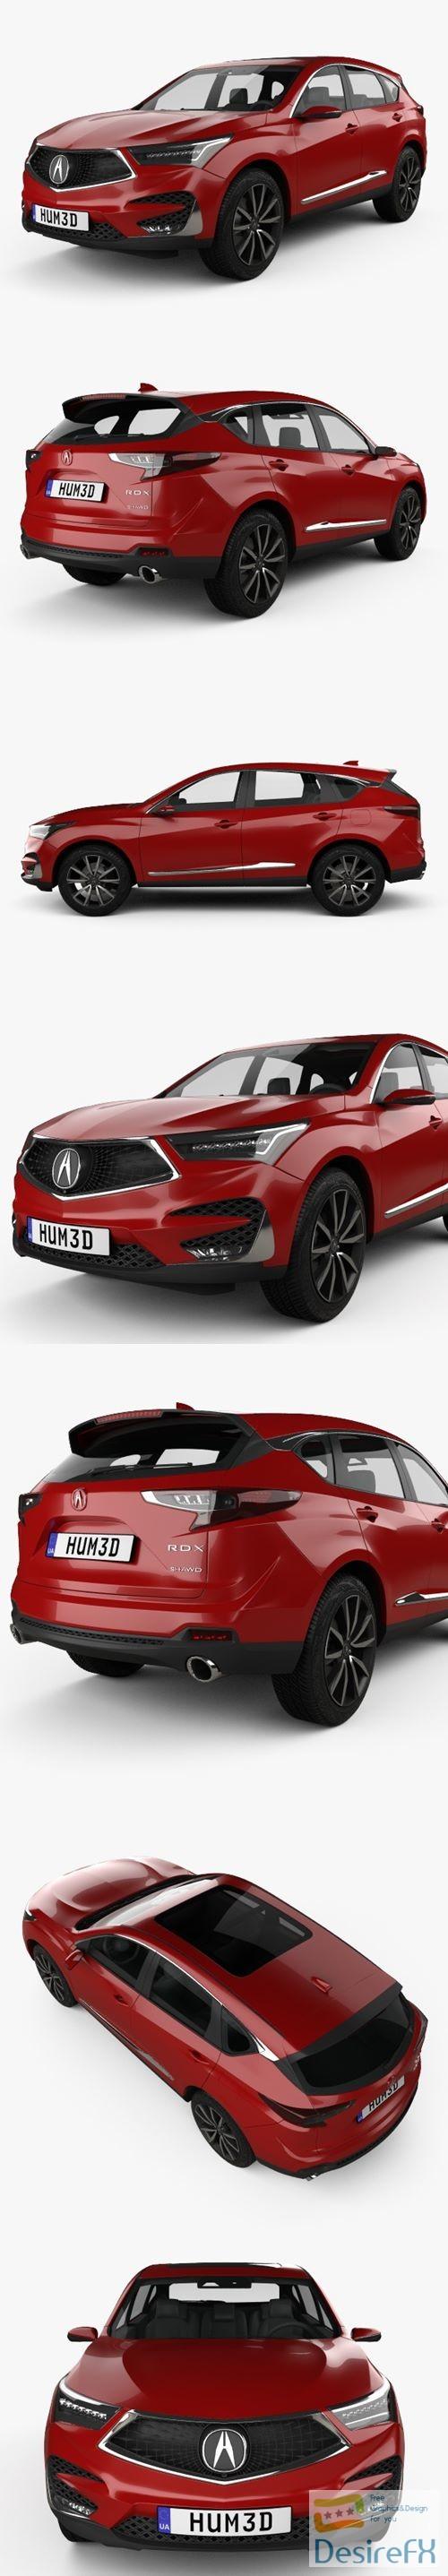 3d-models - Acura RDX Prototype 2018 3D Model